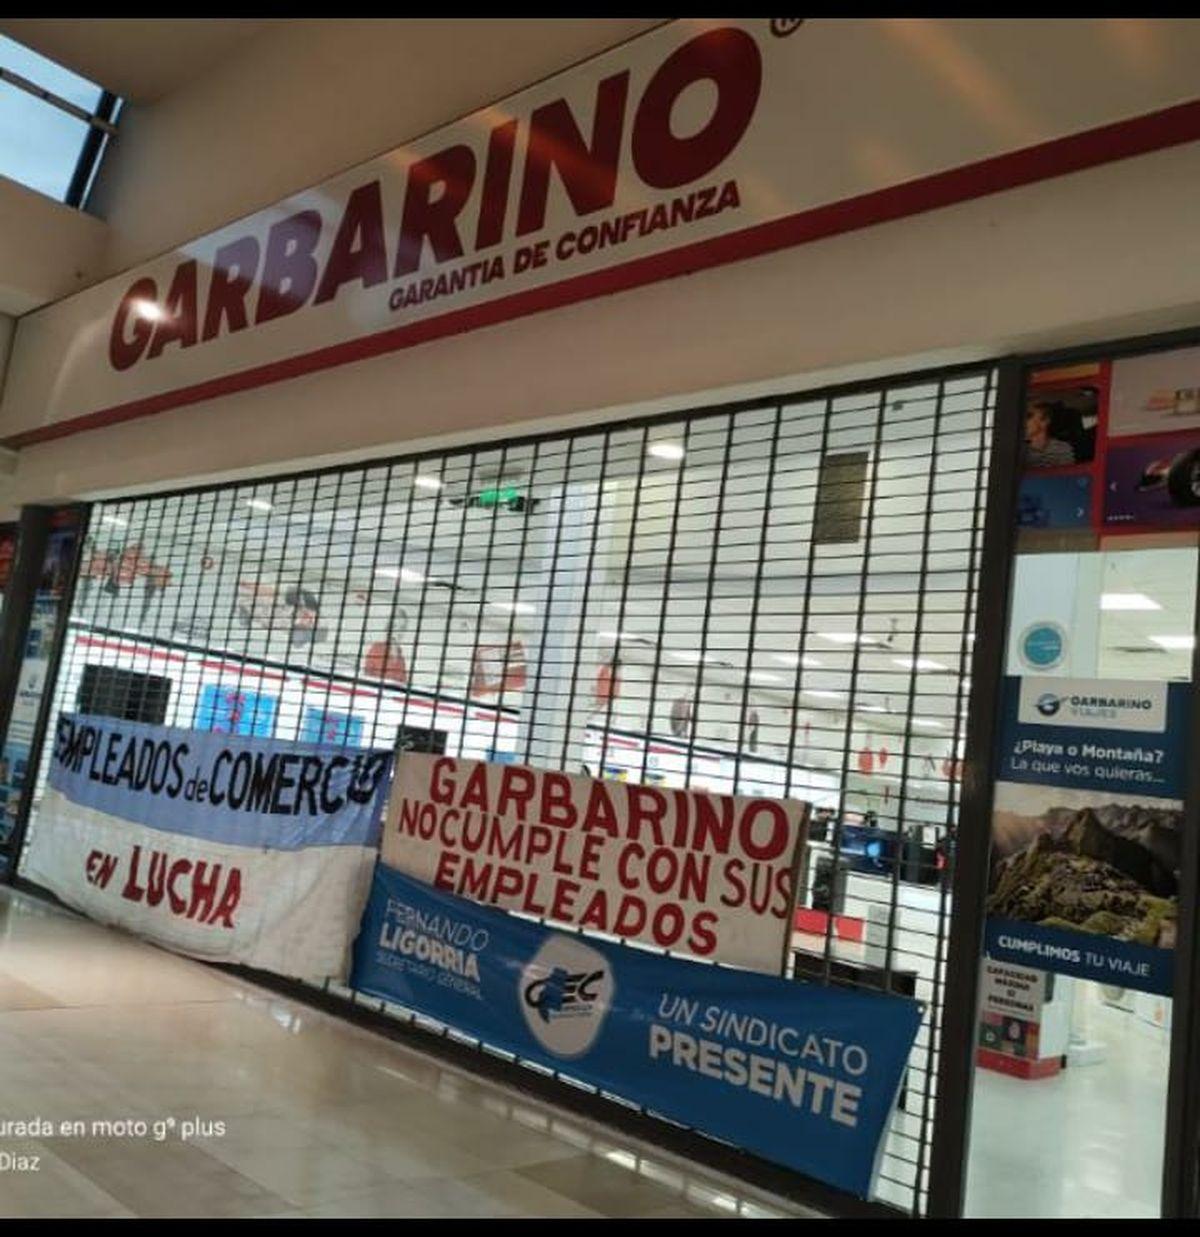 La sucursal del Shopping de Garbarino, donde se vivieron momentos de tensión.